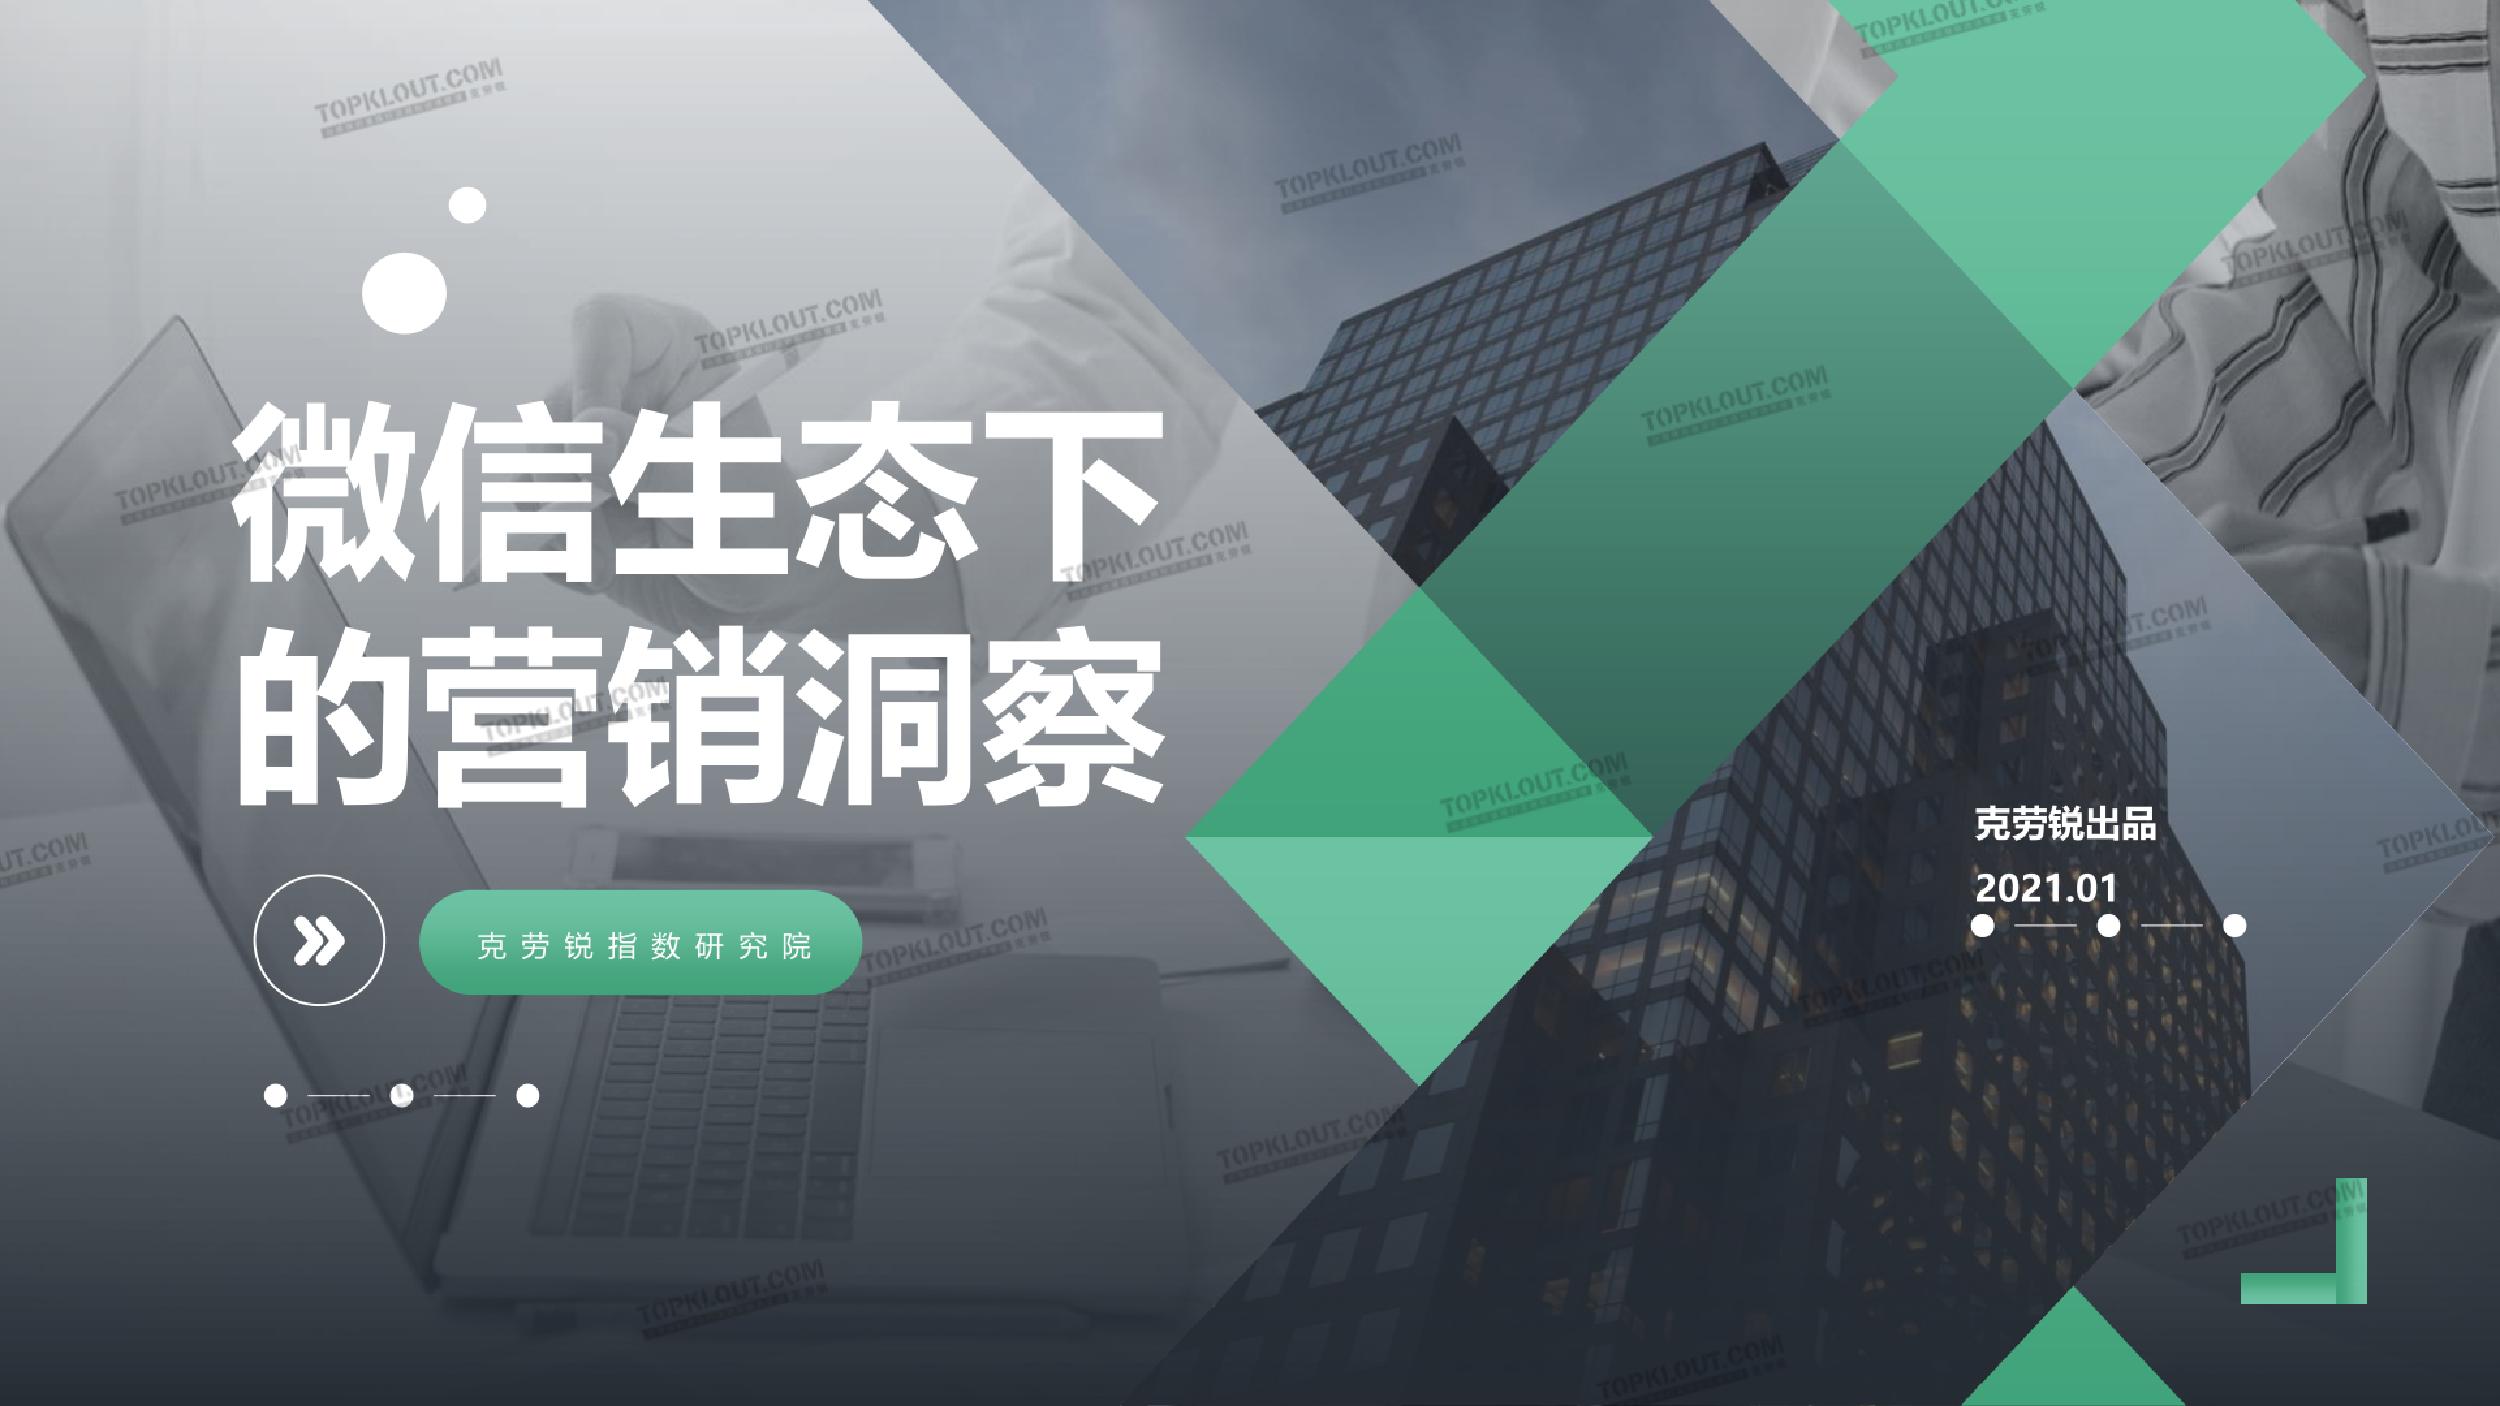 2021微信生态下的营销洞察报告